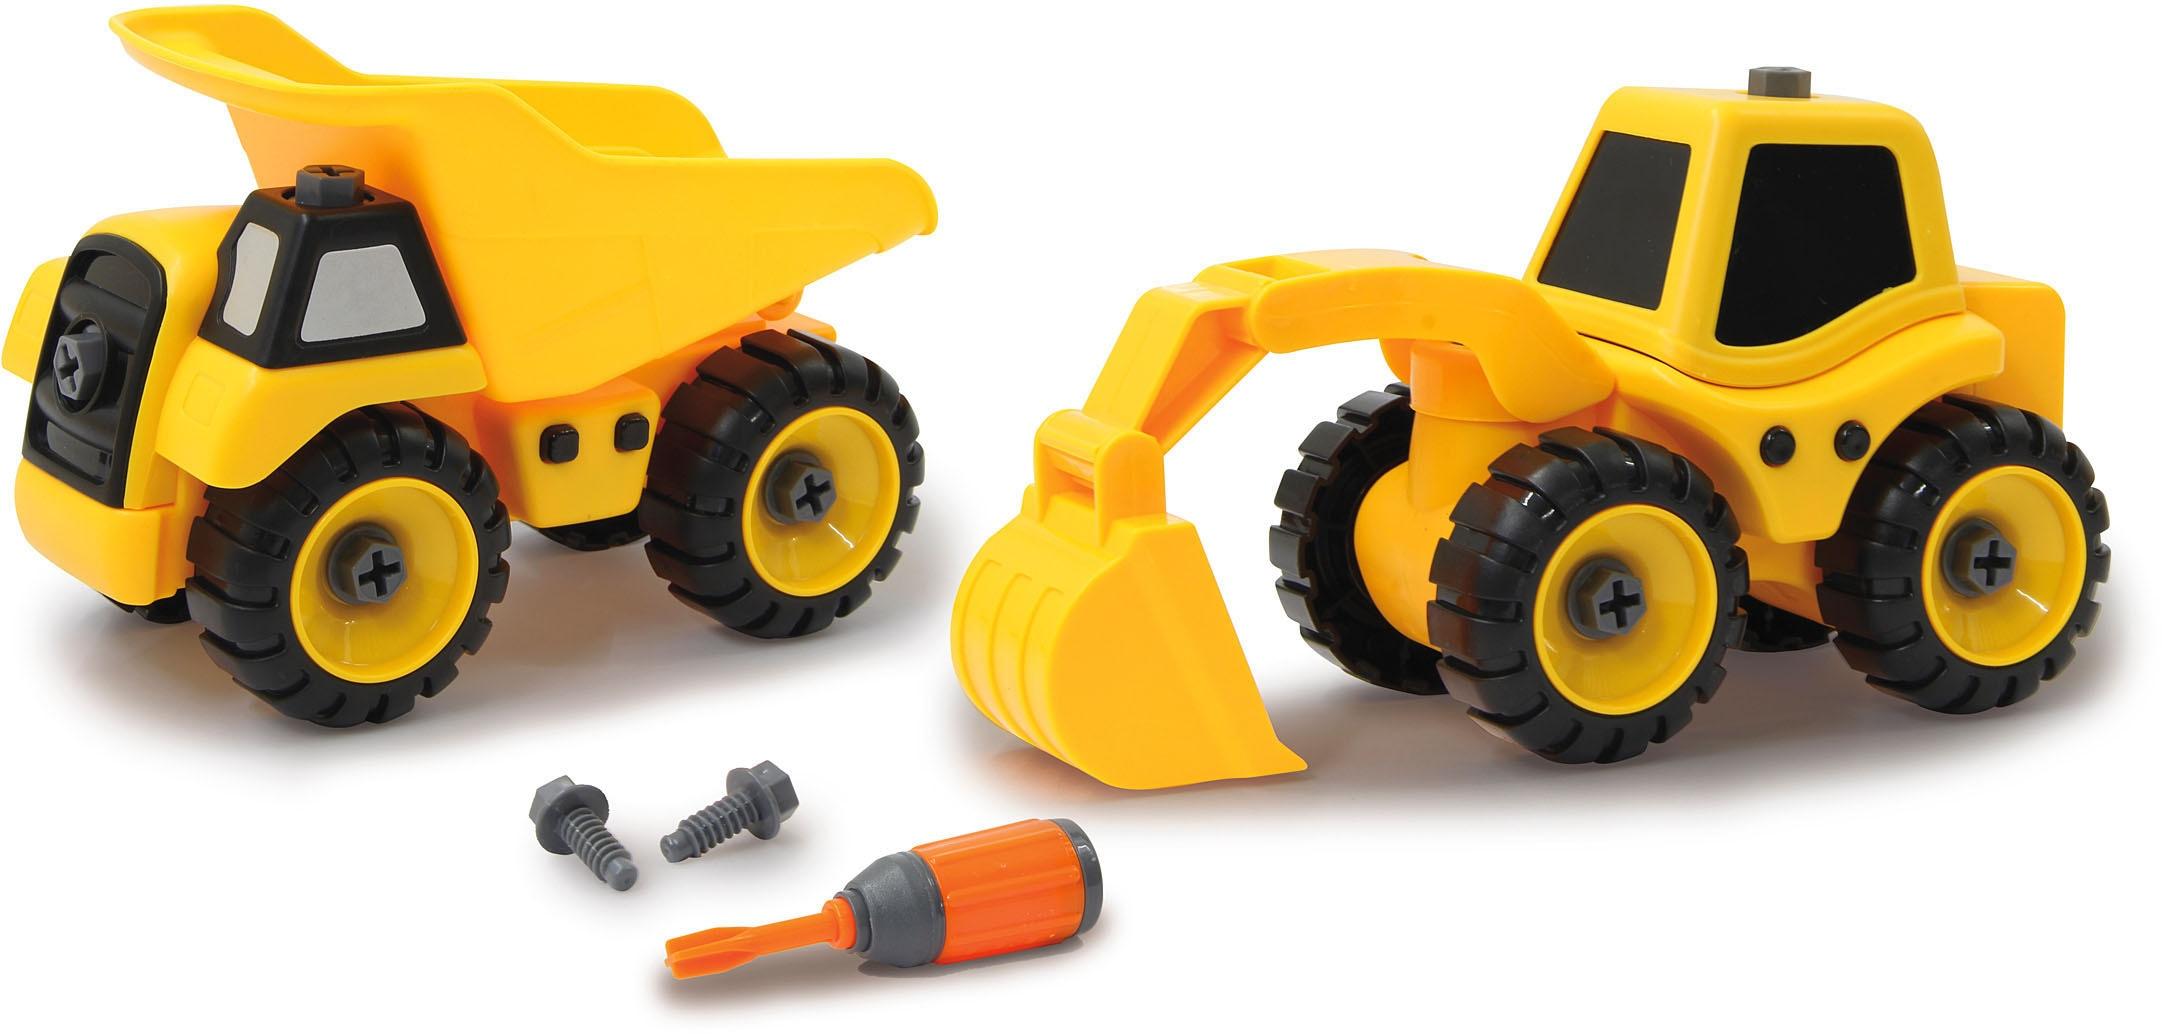 Jamara Spielzeug-Traktor Baufahrzeuge 9 in 1 (Set, 46-tlg.) gelb Kinder Ab 3-5 Jahren Altersempfehlung Spielzeugfahrzeuge